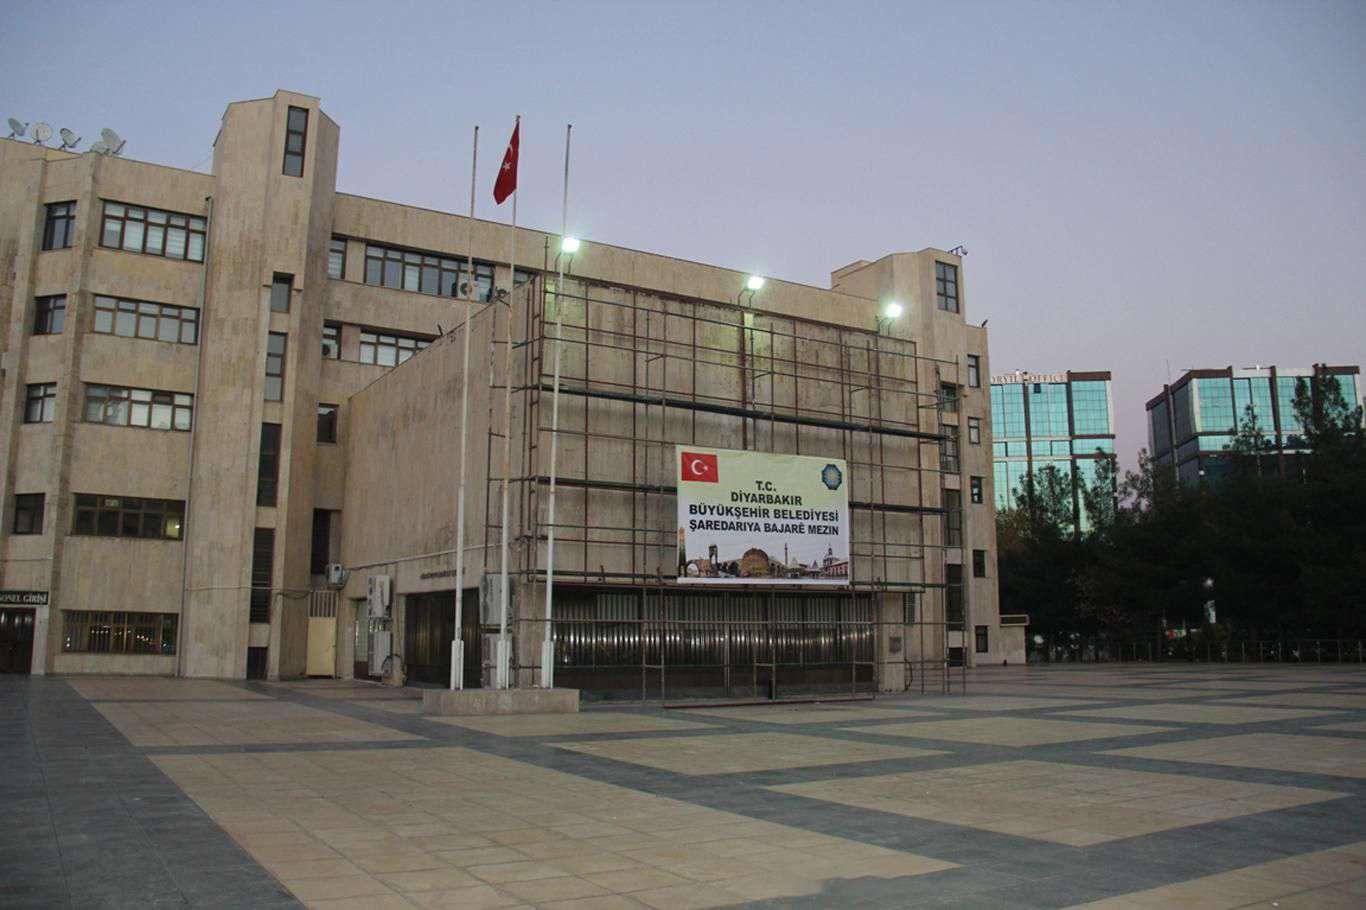 Diyarbakır Belediyesi Asılsız Haberler Hakkında Açıklama Yaptı